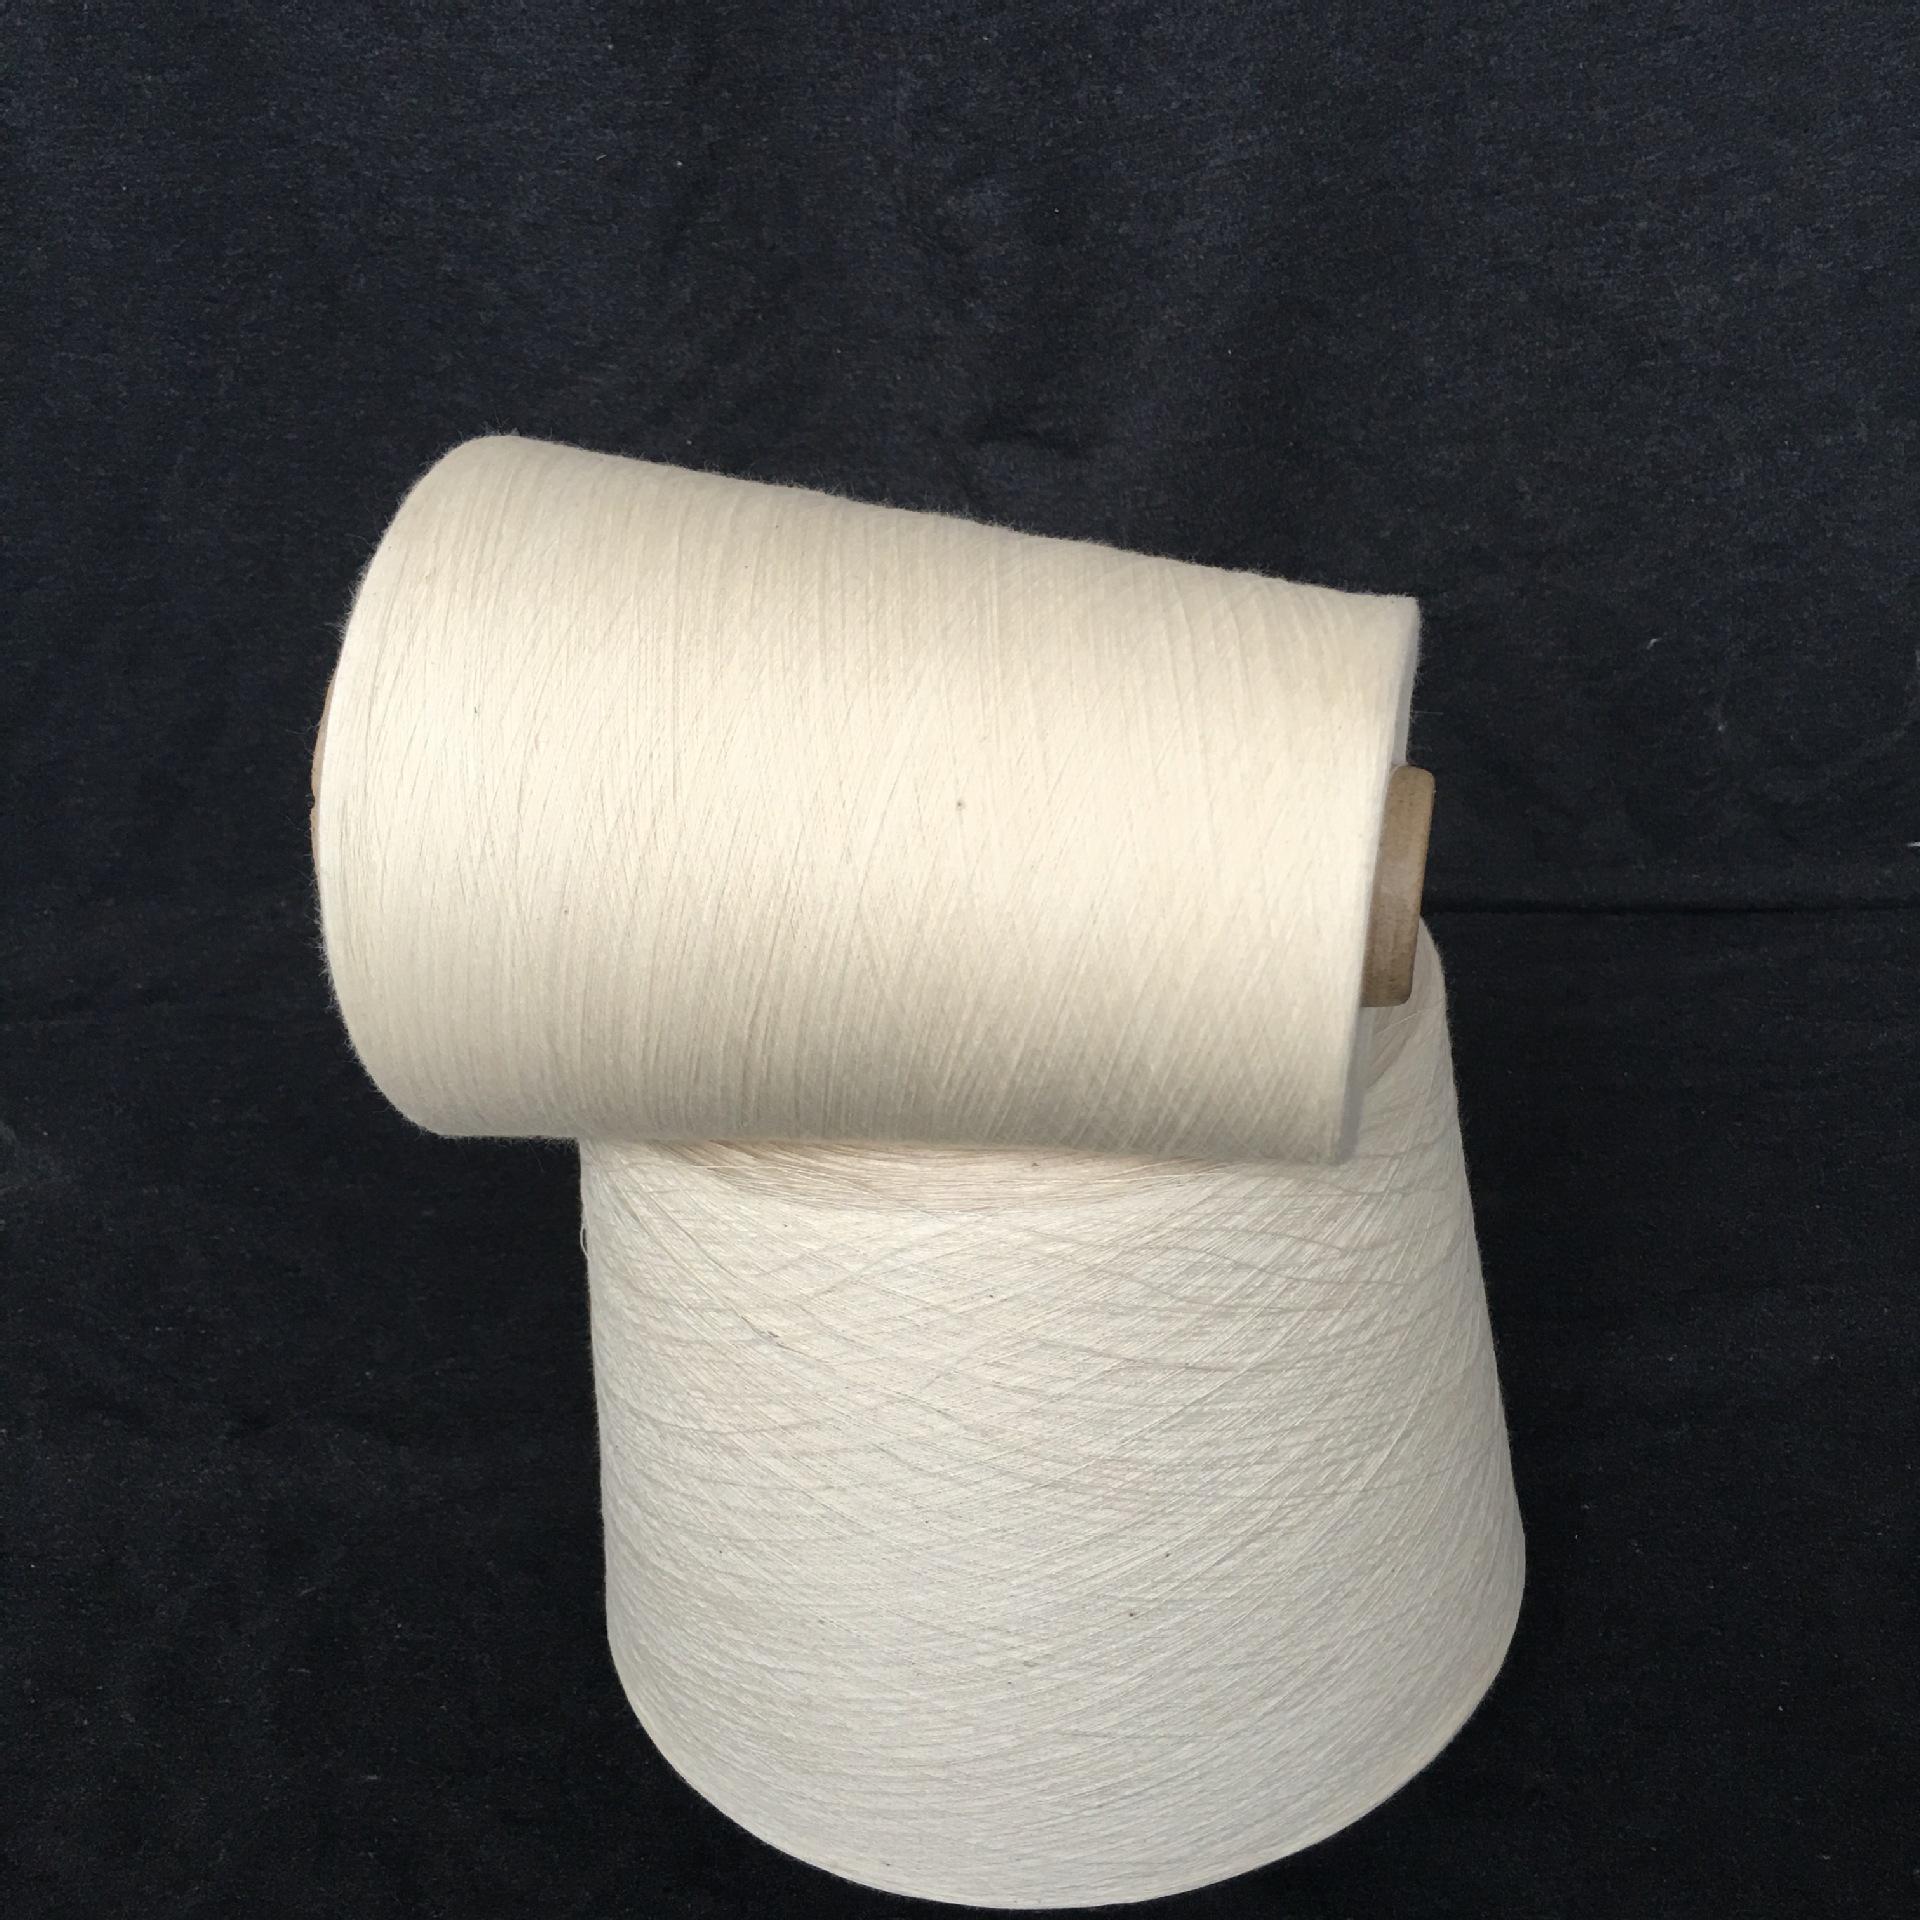 HENGTAI Sợi gai Sợi polyester kéo sợi khí nén 11 12 sợi tơ 16 21 sợi cotton lanh 15 30 stock